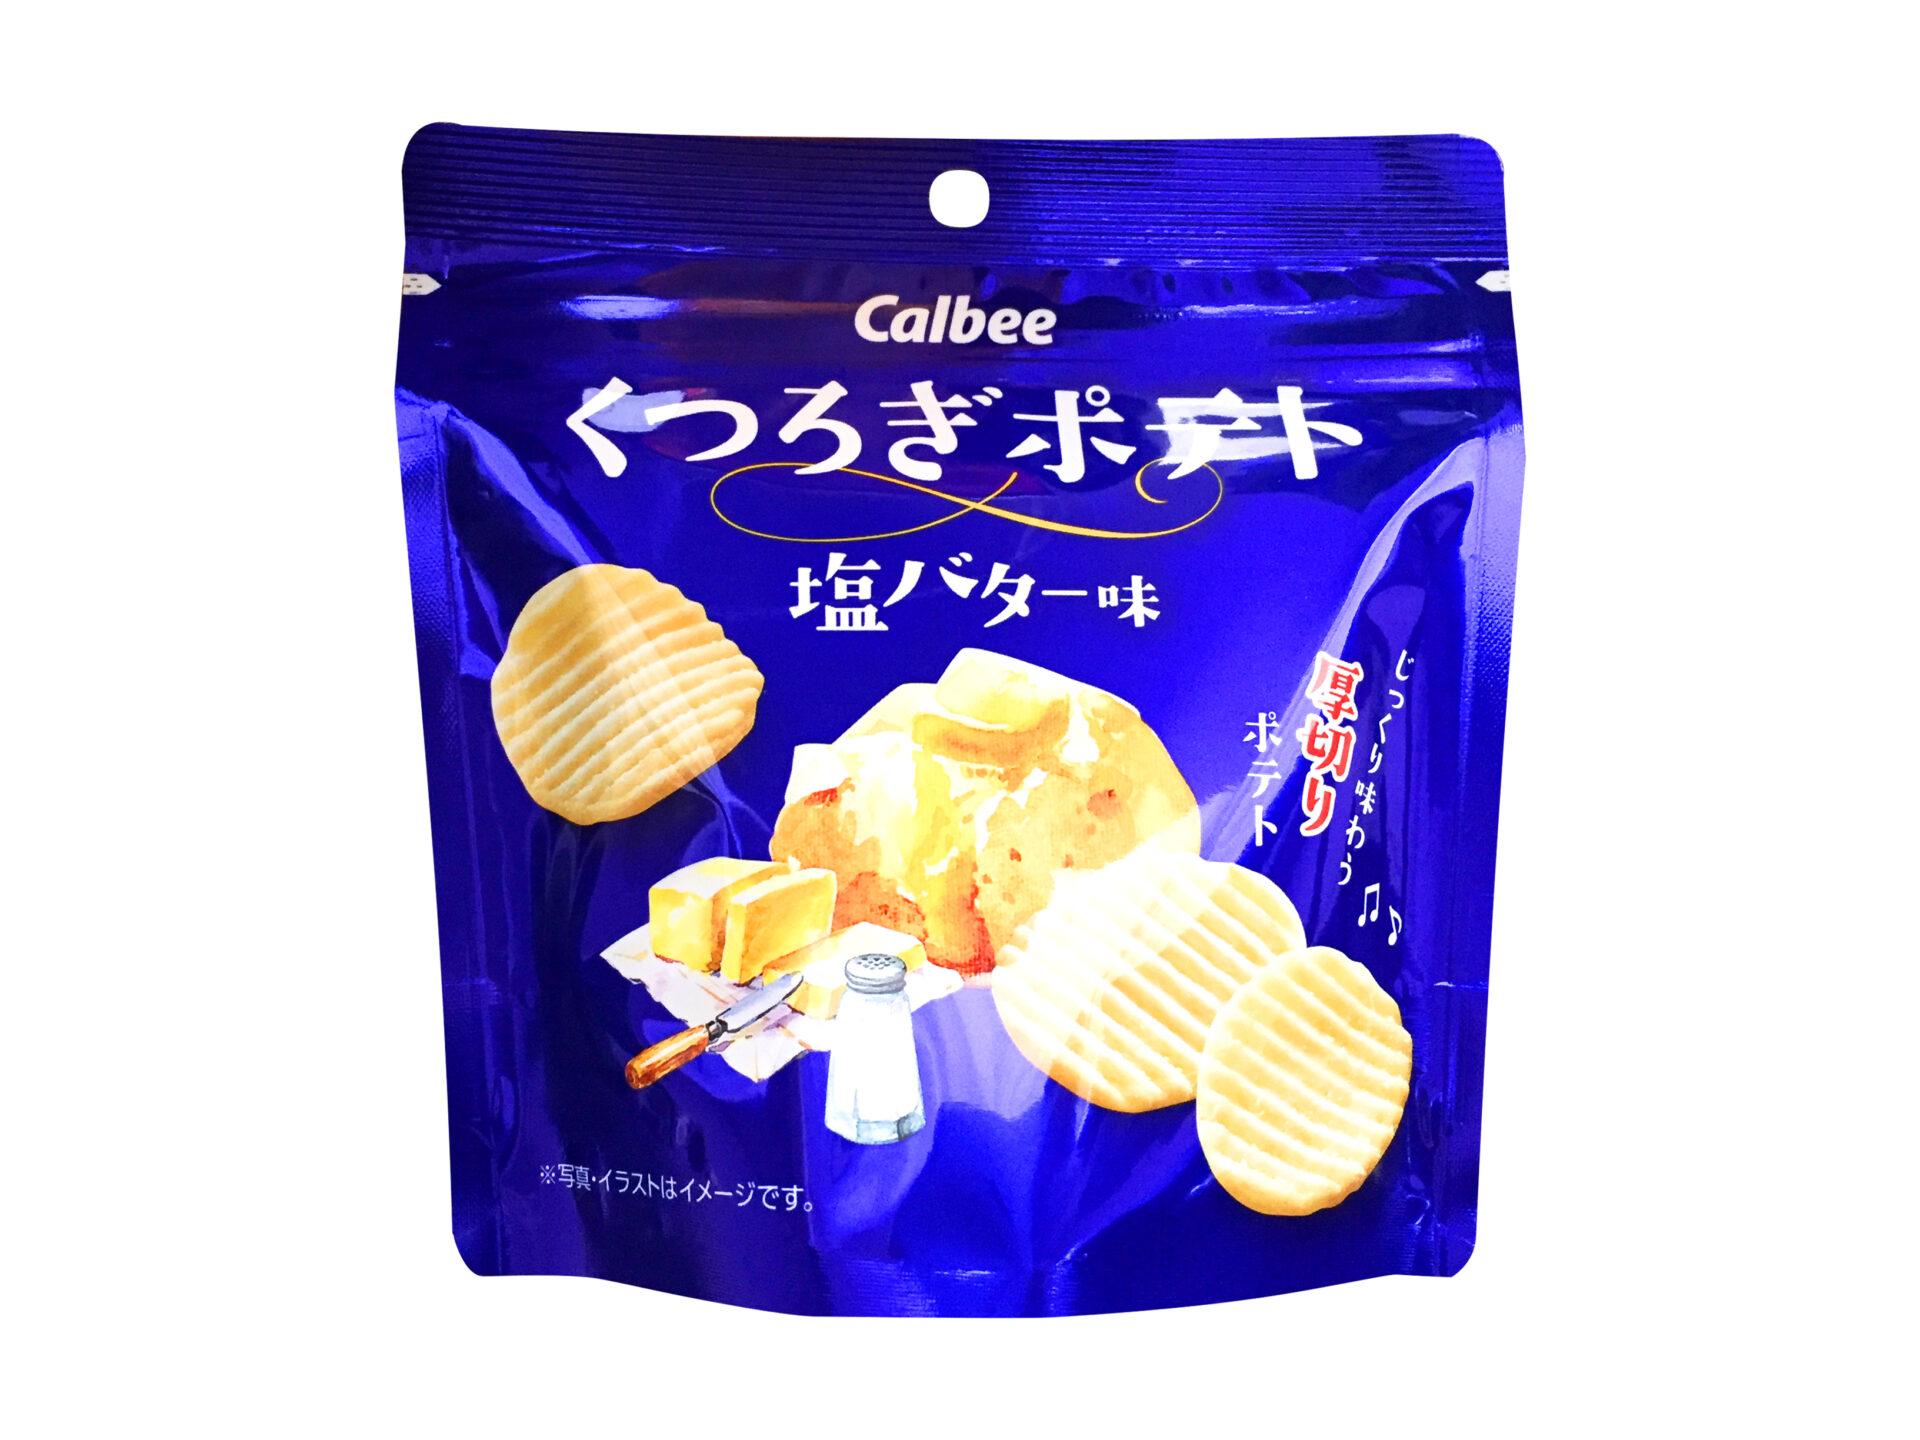 カルビー『くつろぎポテト 塩バター味』